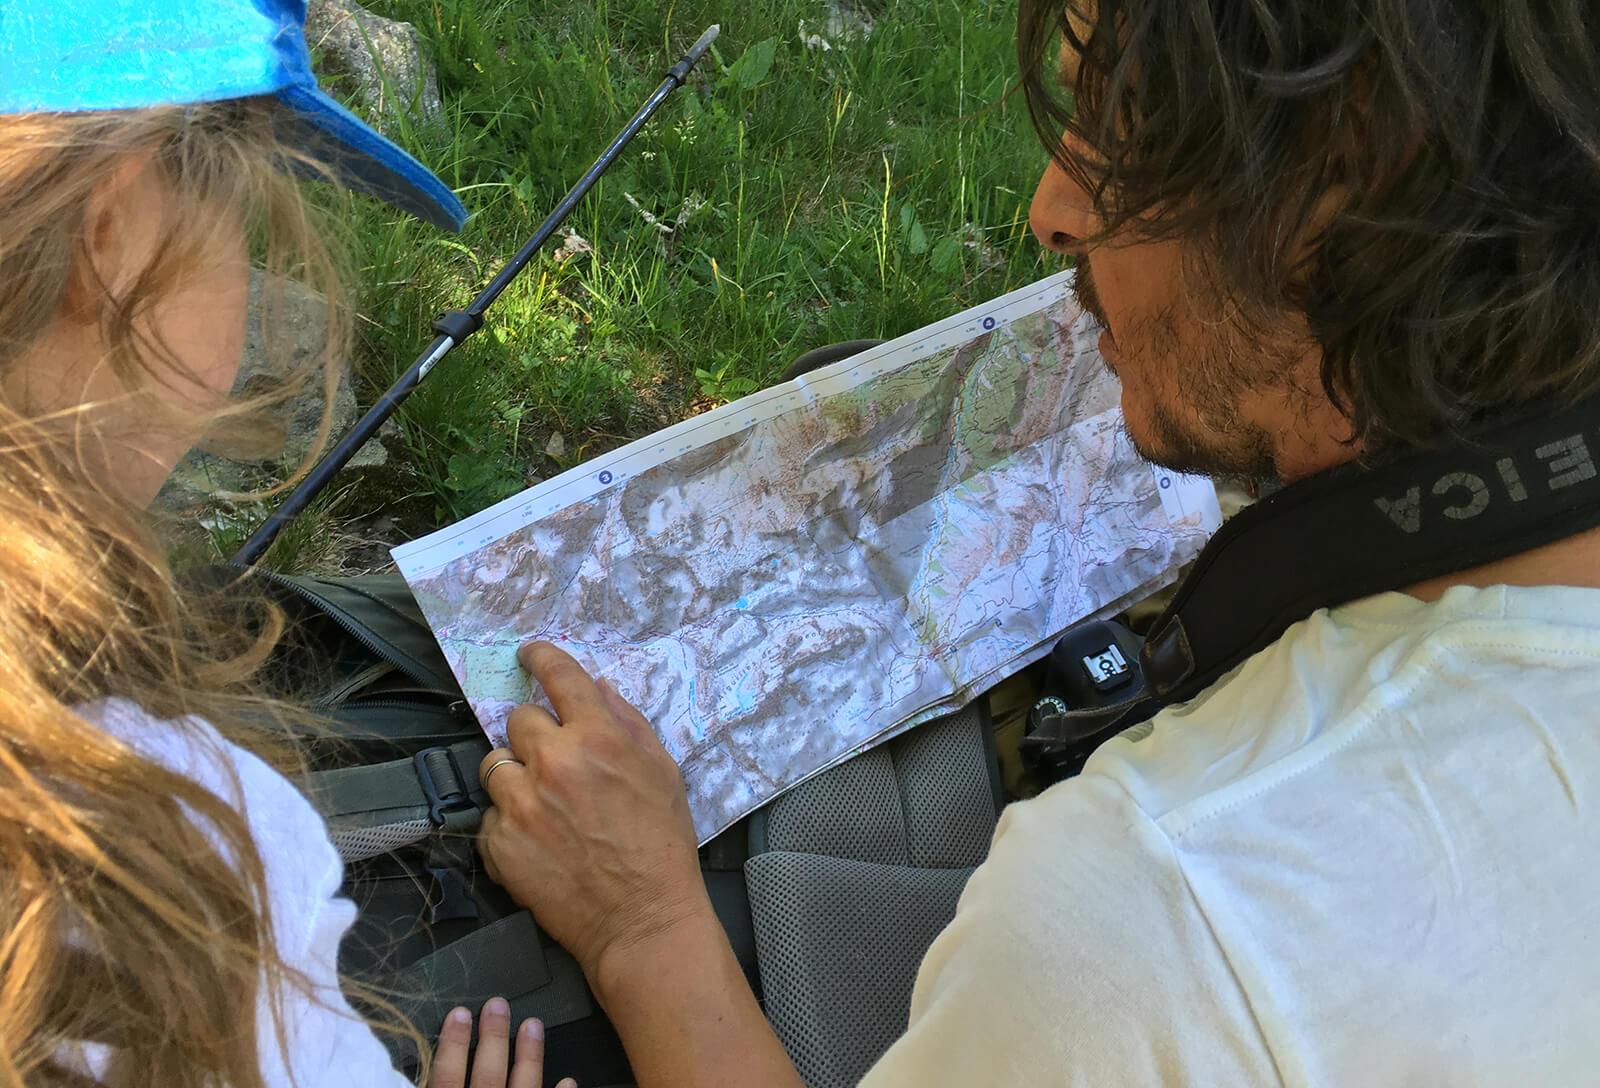 Bien préparer l'itinéraire d'une randonnée pour éviter de prendre des risques avec des enfants